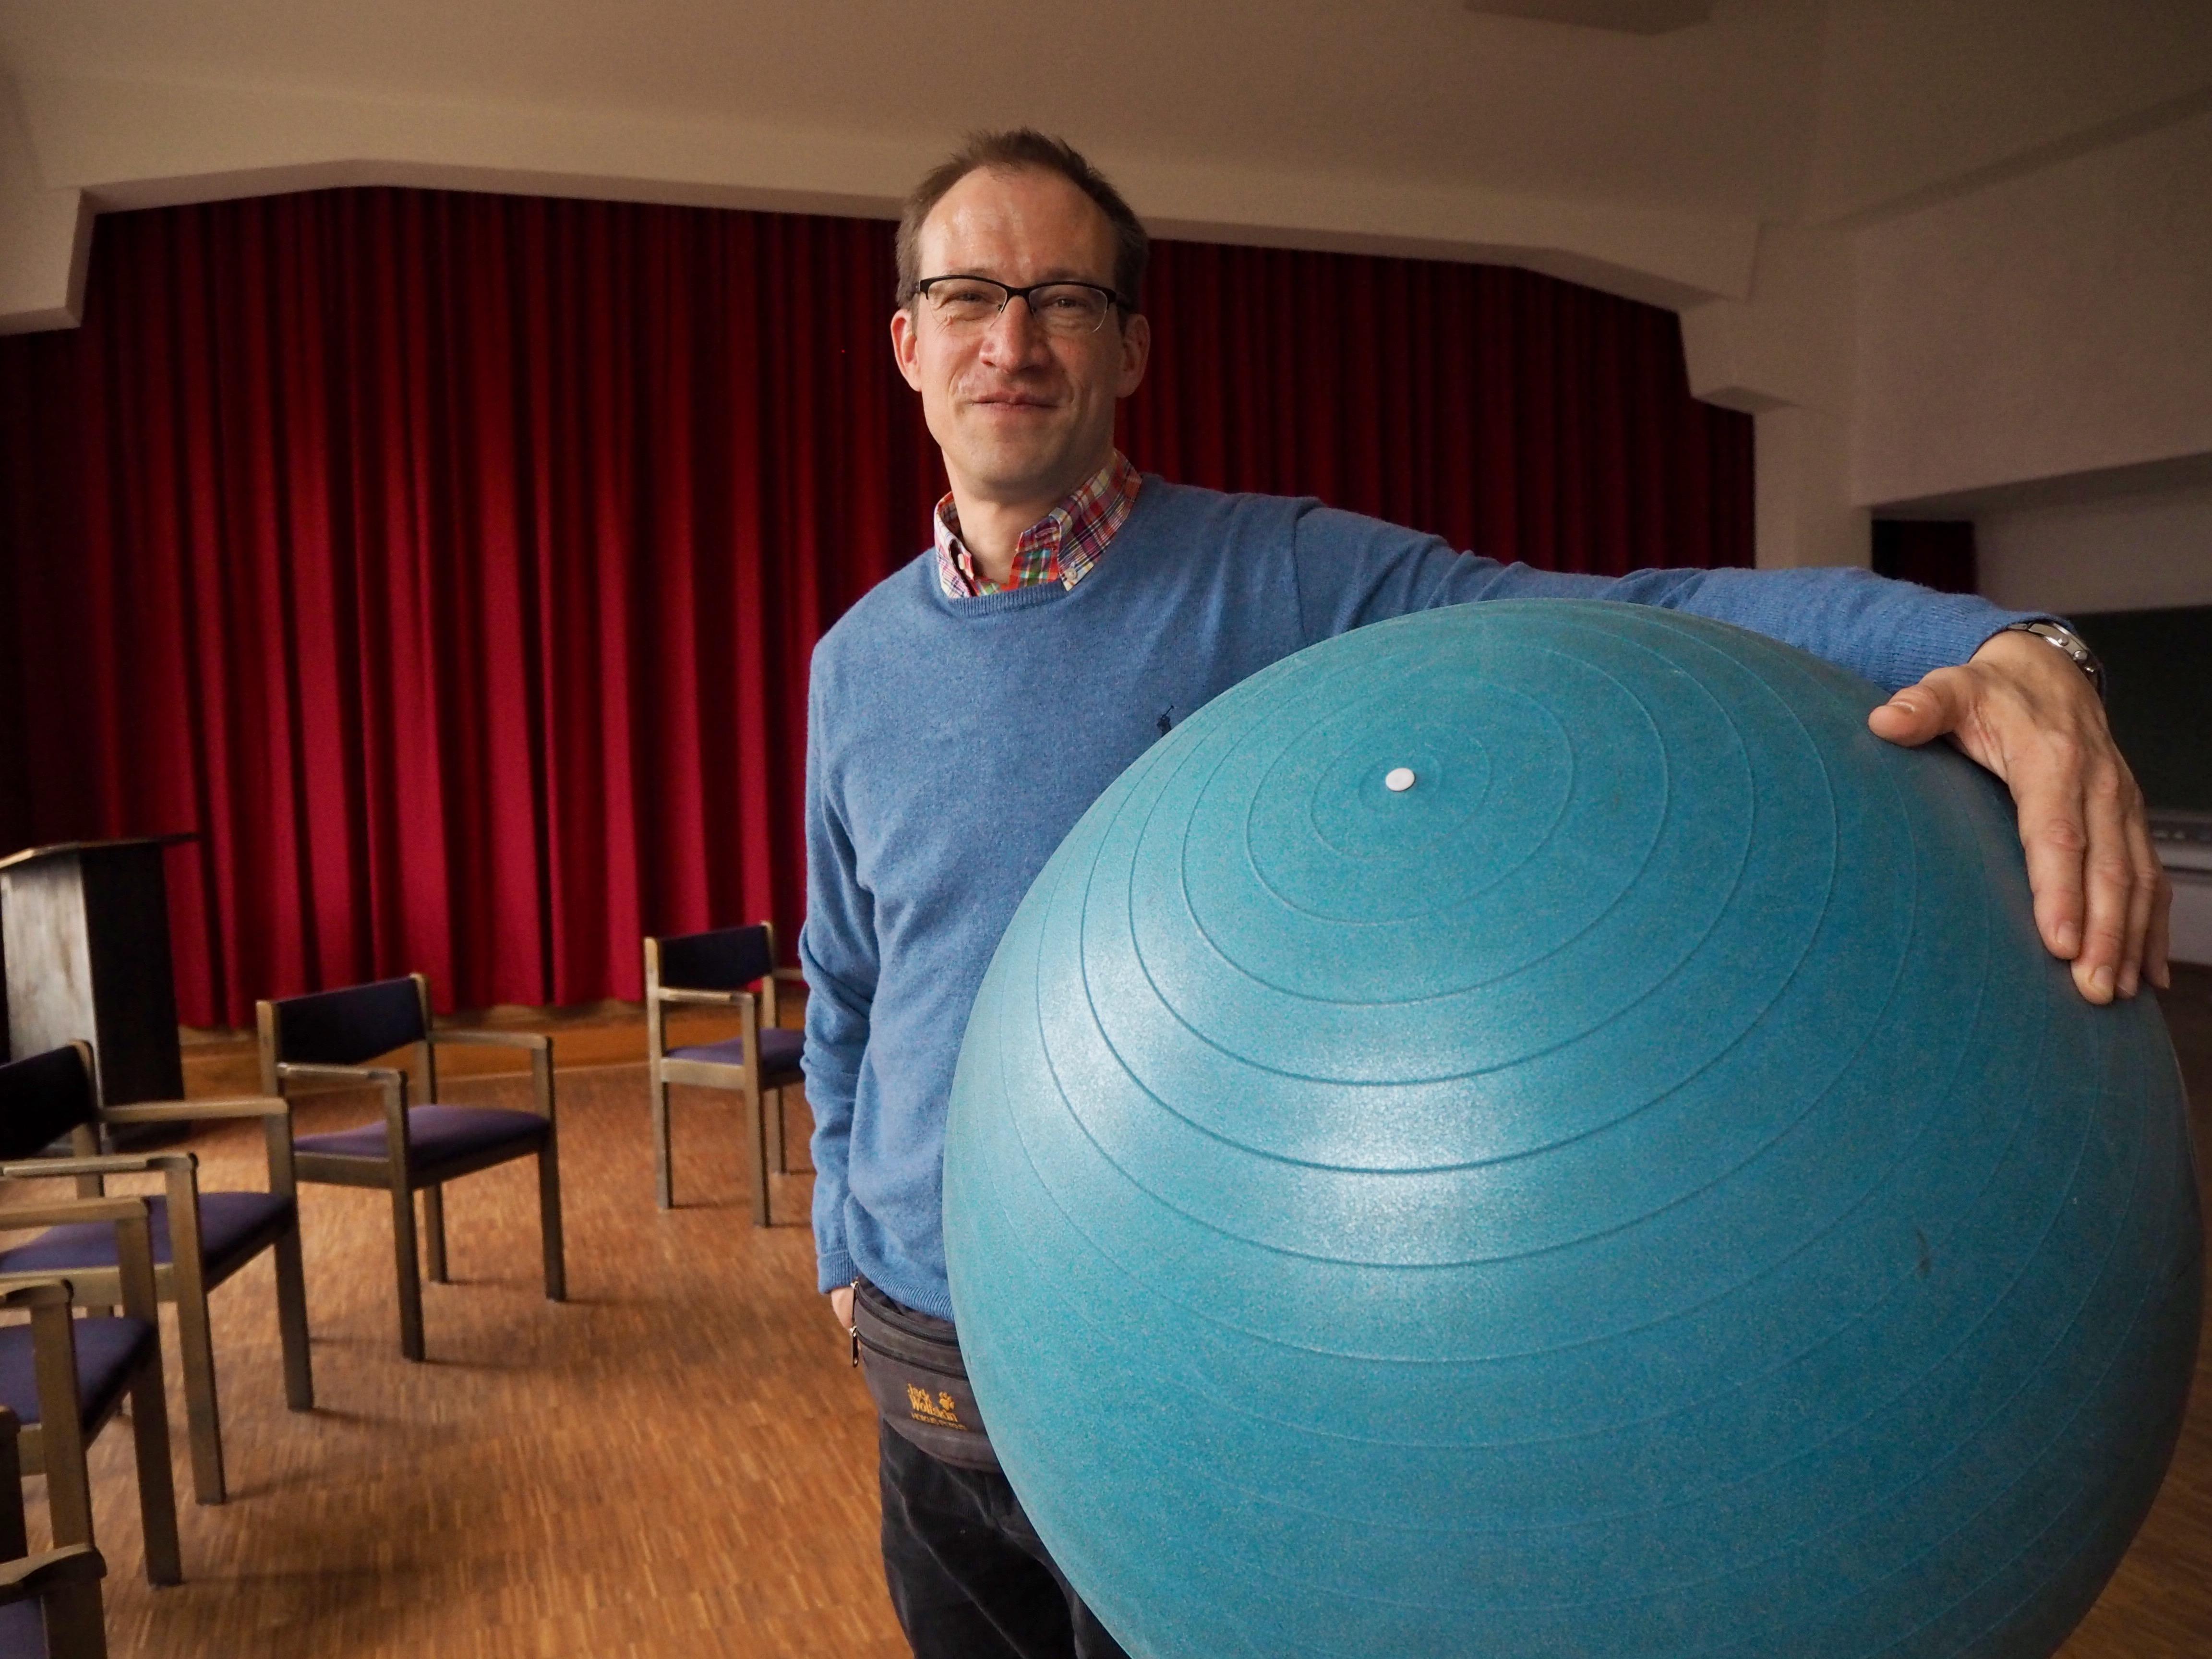 Betreuer im Pflegeheim mit Gymnastikball